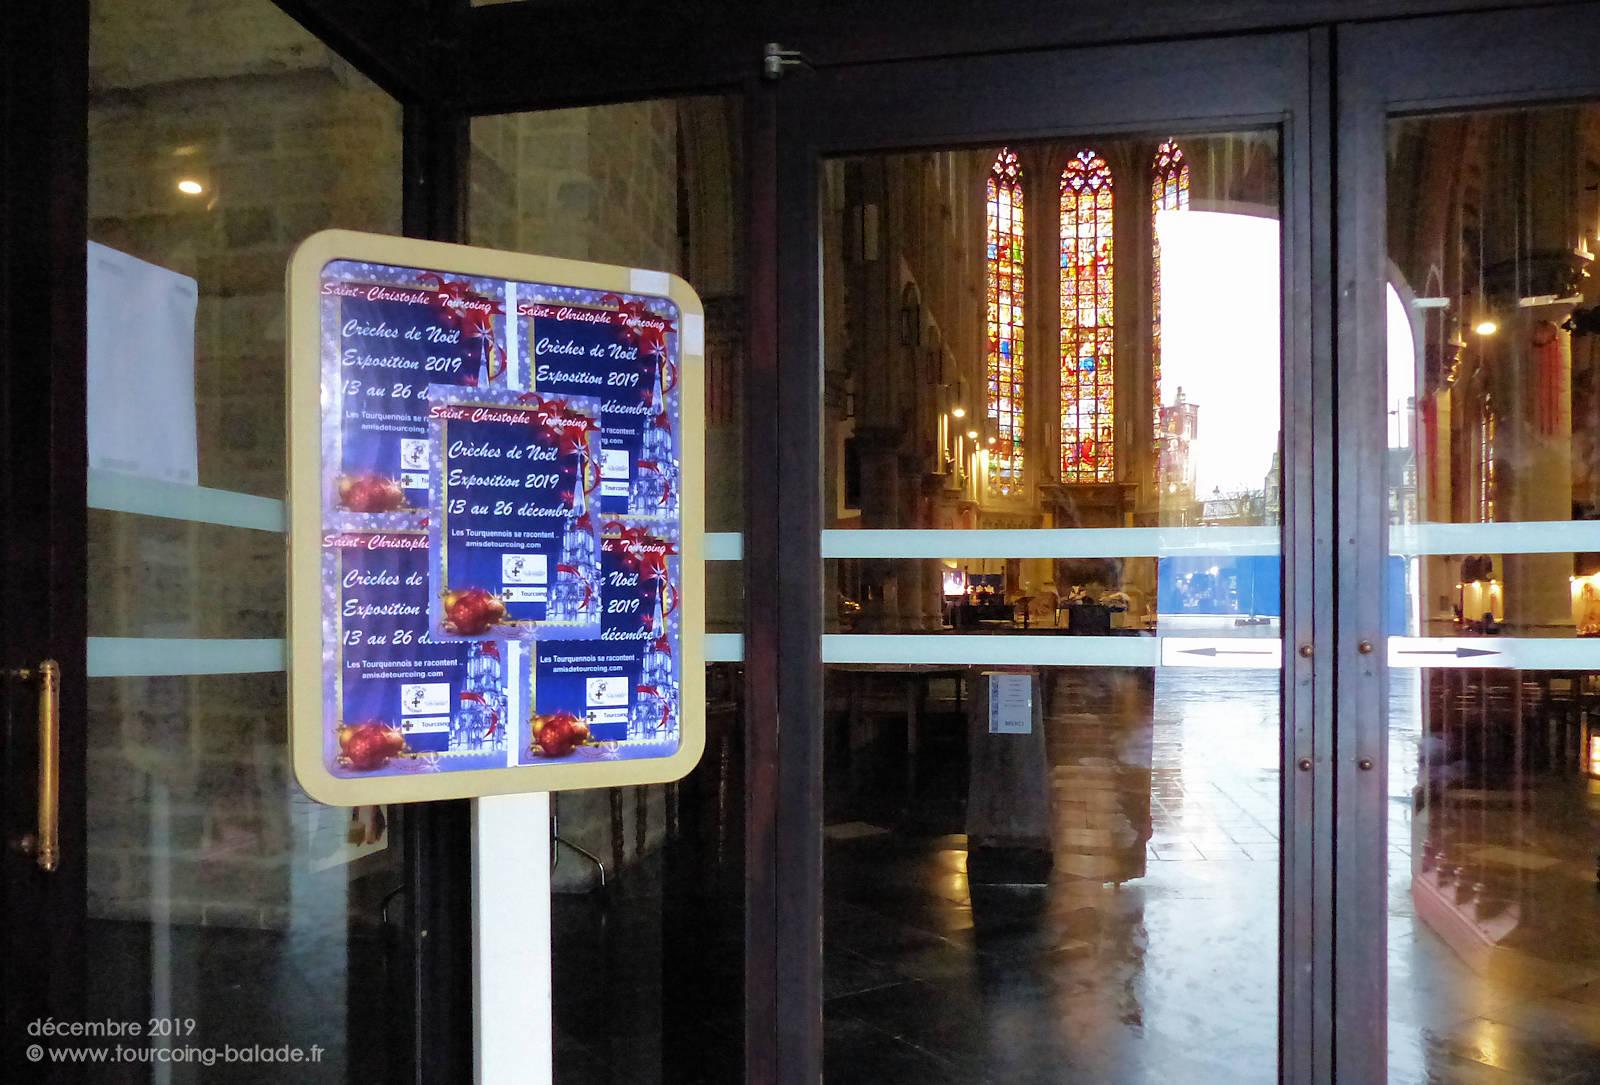 Église Saint Christophe, Tourcoing - Entrée.